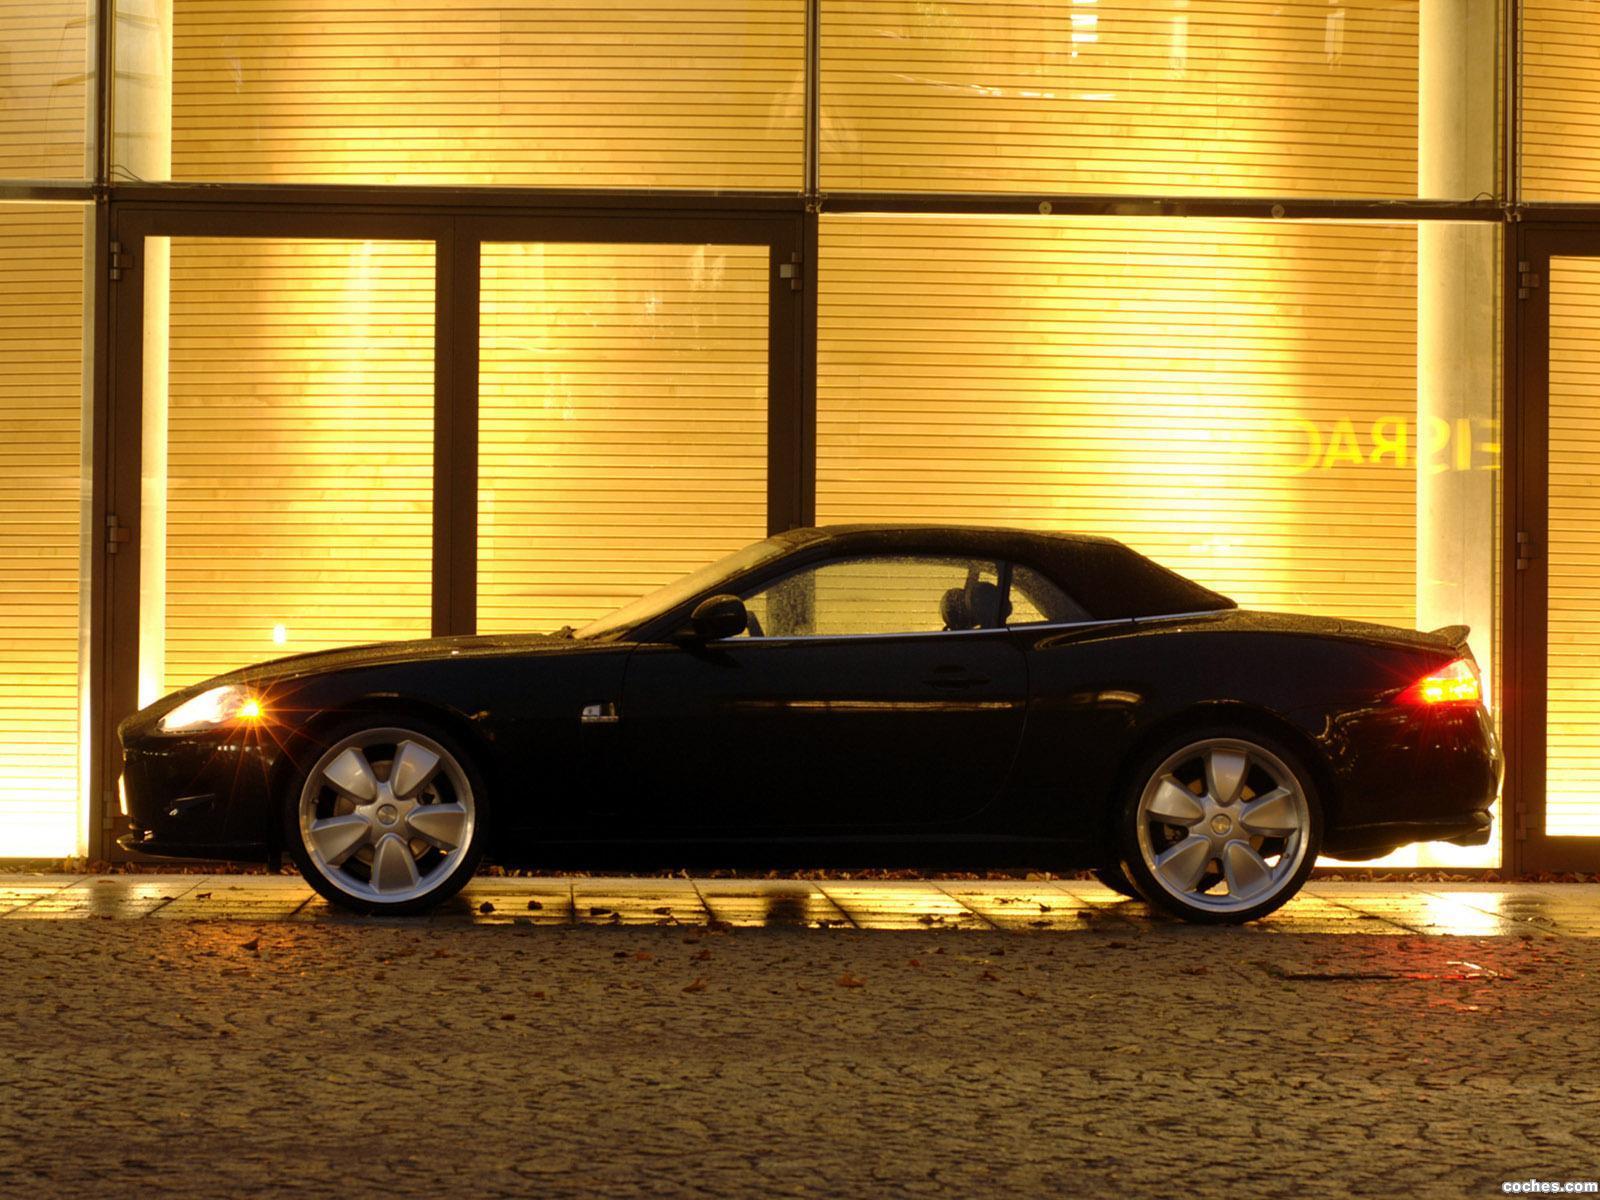 Foto 1 de Loder1899 Jaguar XK Convertible 2008